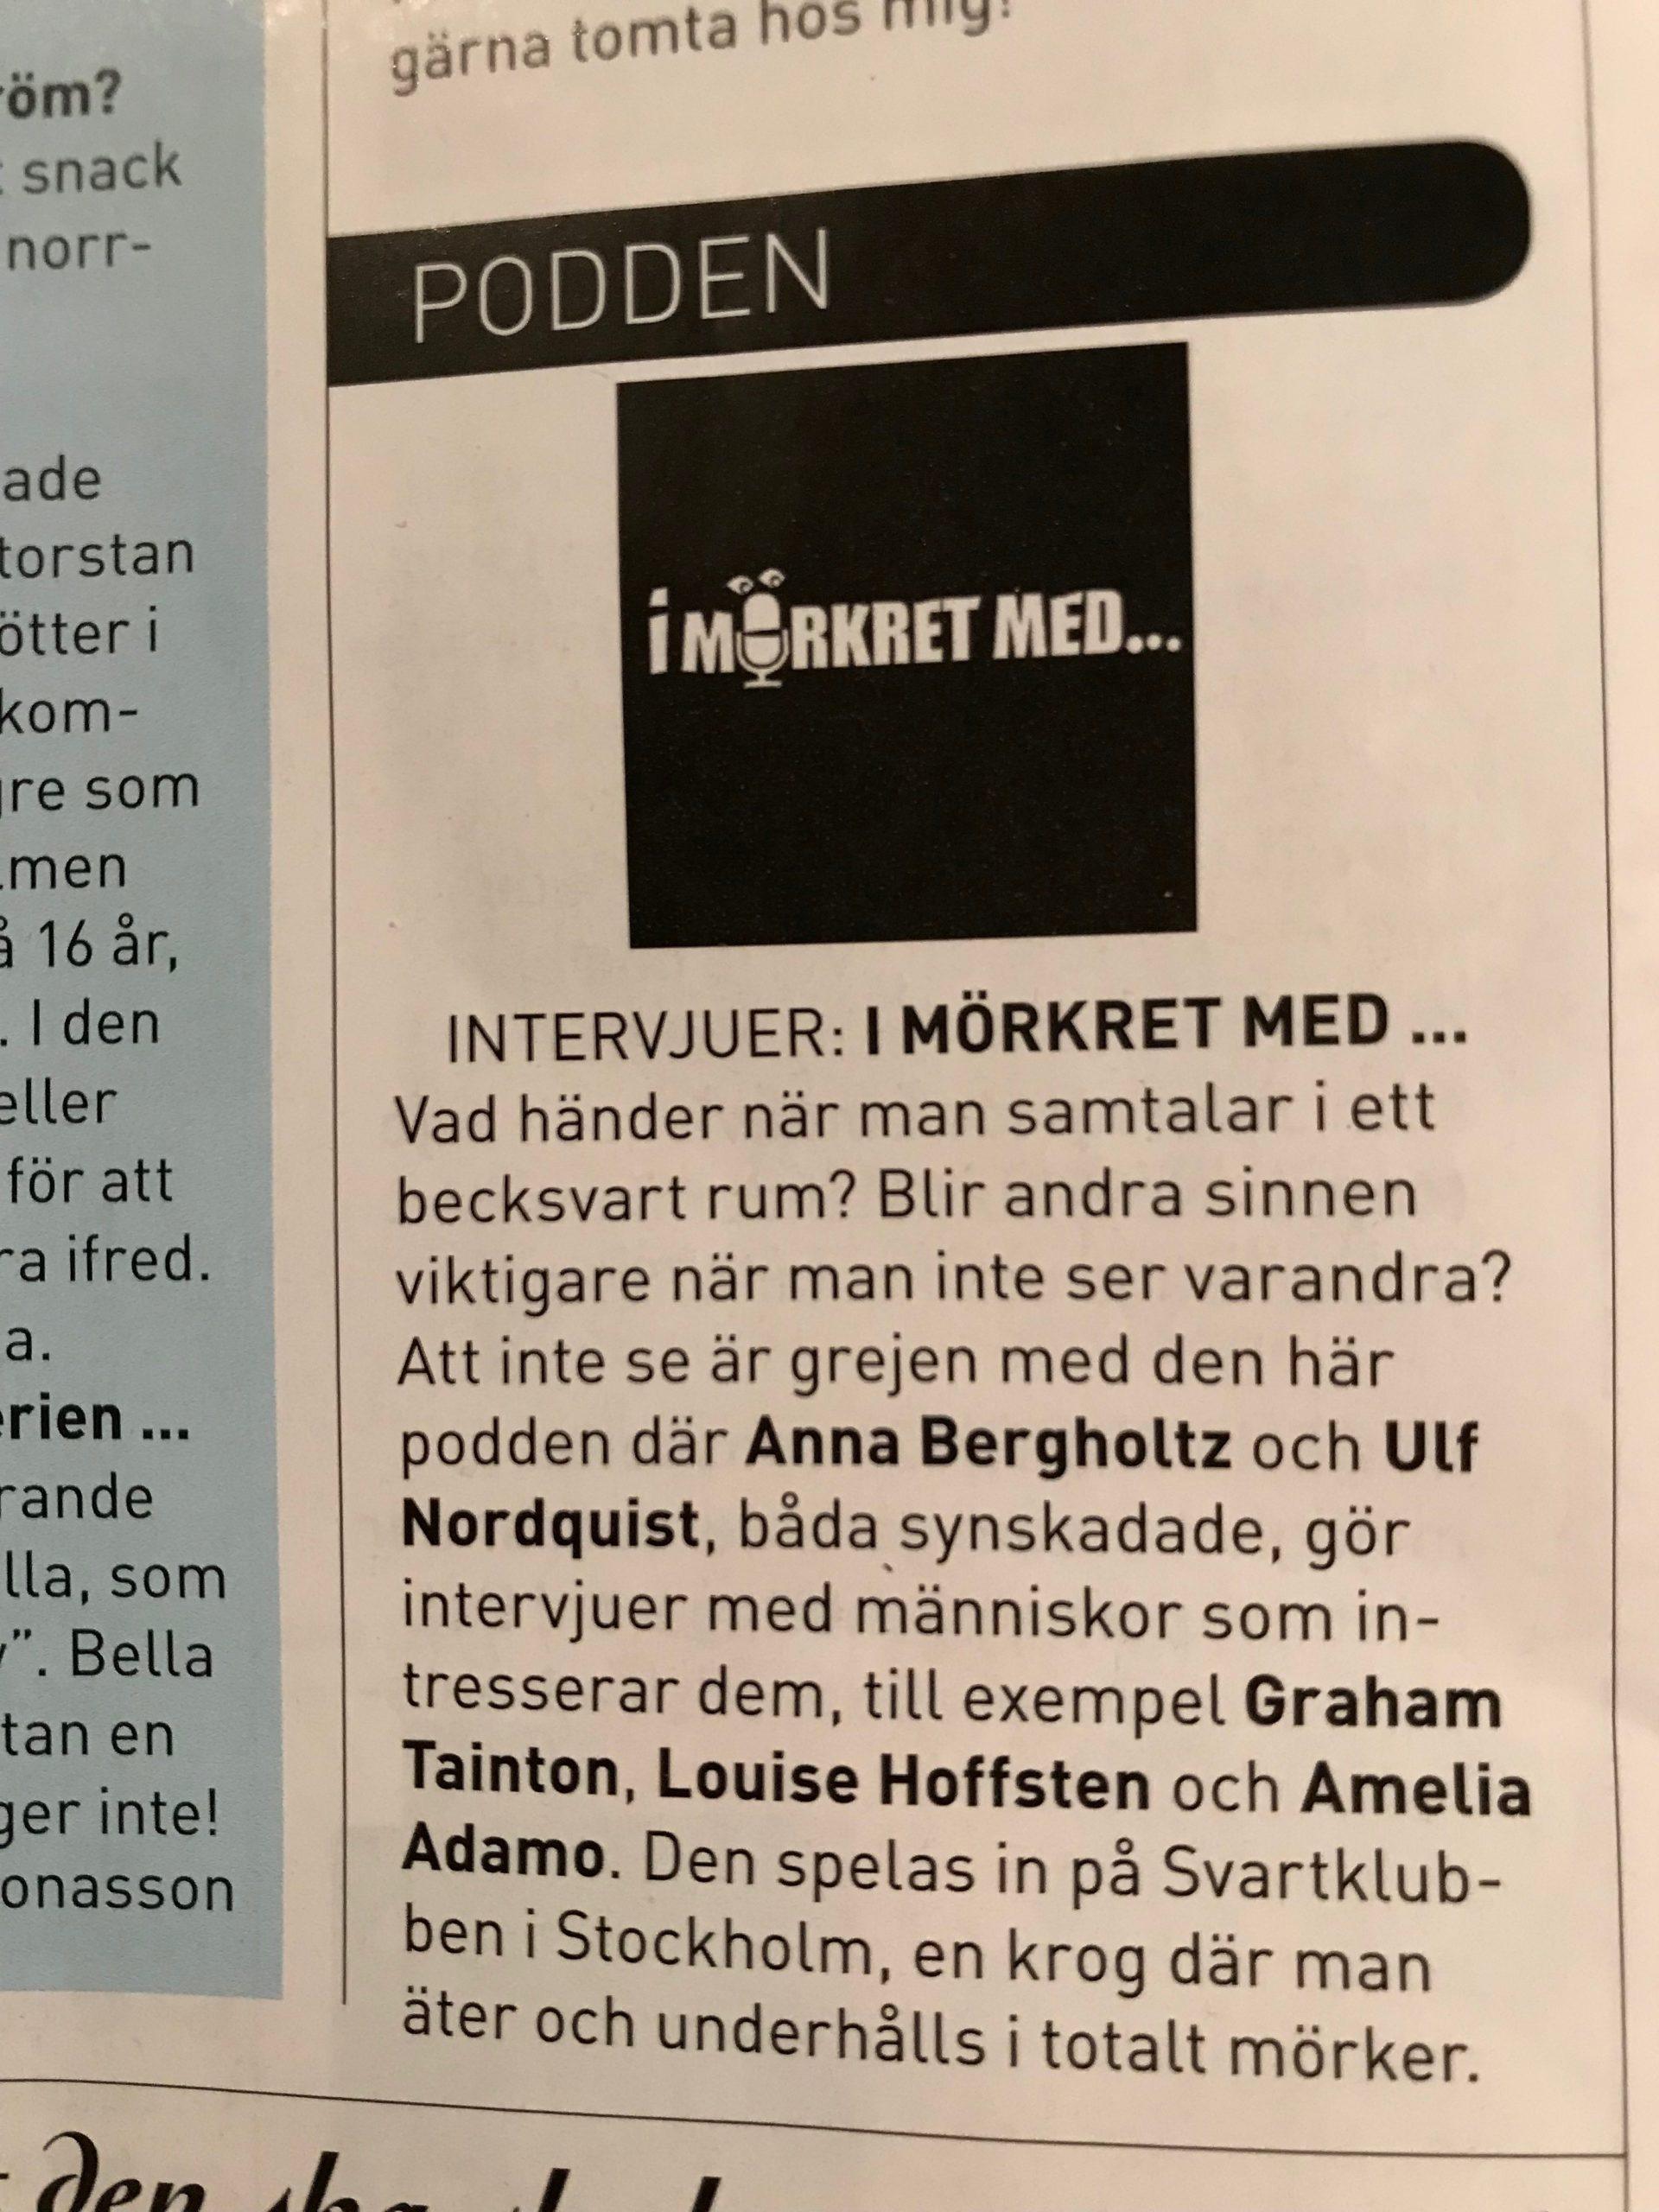 """Först överskriften Podden och sen följer bild på loggan i mörkret med. Därefter texten: """"Intervjuer: I mörkret med..... vad händer när man samtalar i ett becksvart rum? Blir andra sinnen viktigare när man inte ser varandra? Att inte se är grejen med den här podden där Anna Bergholtz och UlfNordquist, båda synskadade, gör intervjuer med människor som intresserar dem, till exempel Graham Tainton, Louise Hoffsten och Amelia Adamo. Den spelas in på Svartklubben i Stockholm, en krog där man äter och underhålls i totalt mörker""""."""